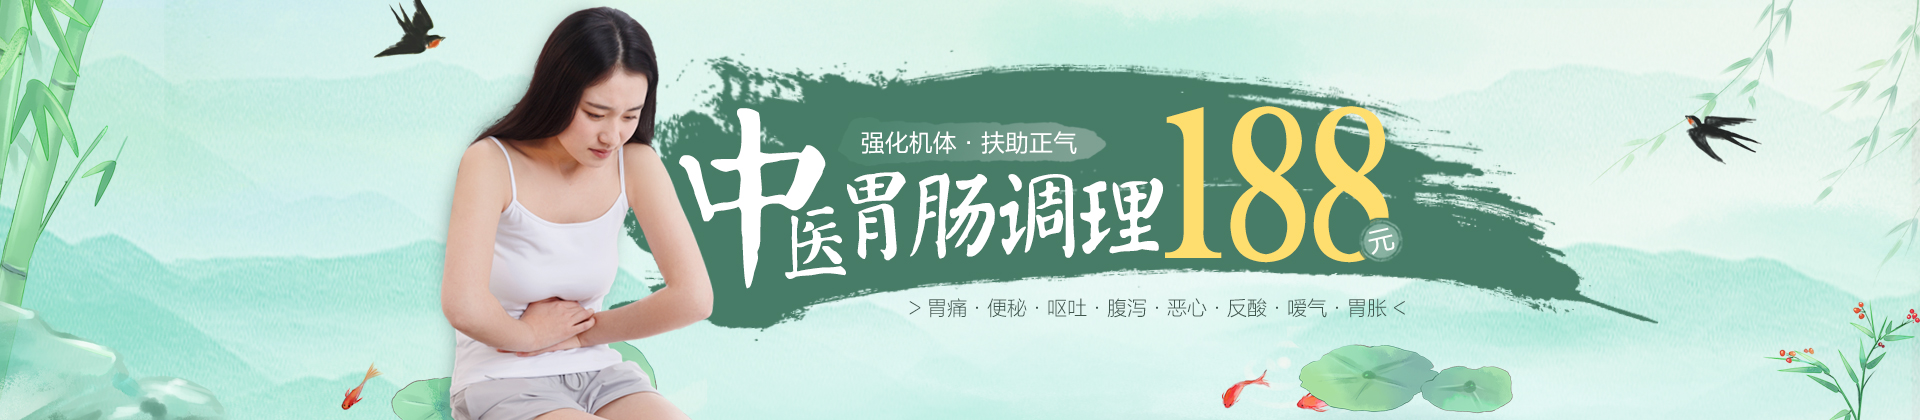 188元中医胃肠调理 调治胃痛胃胀